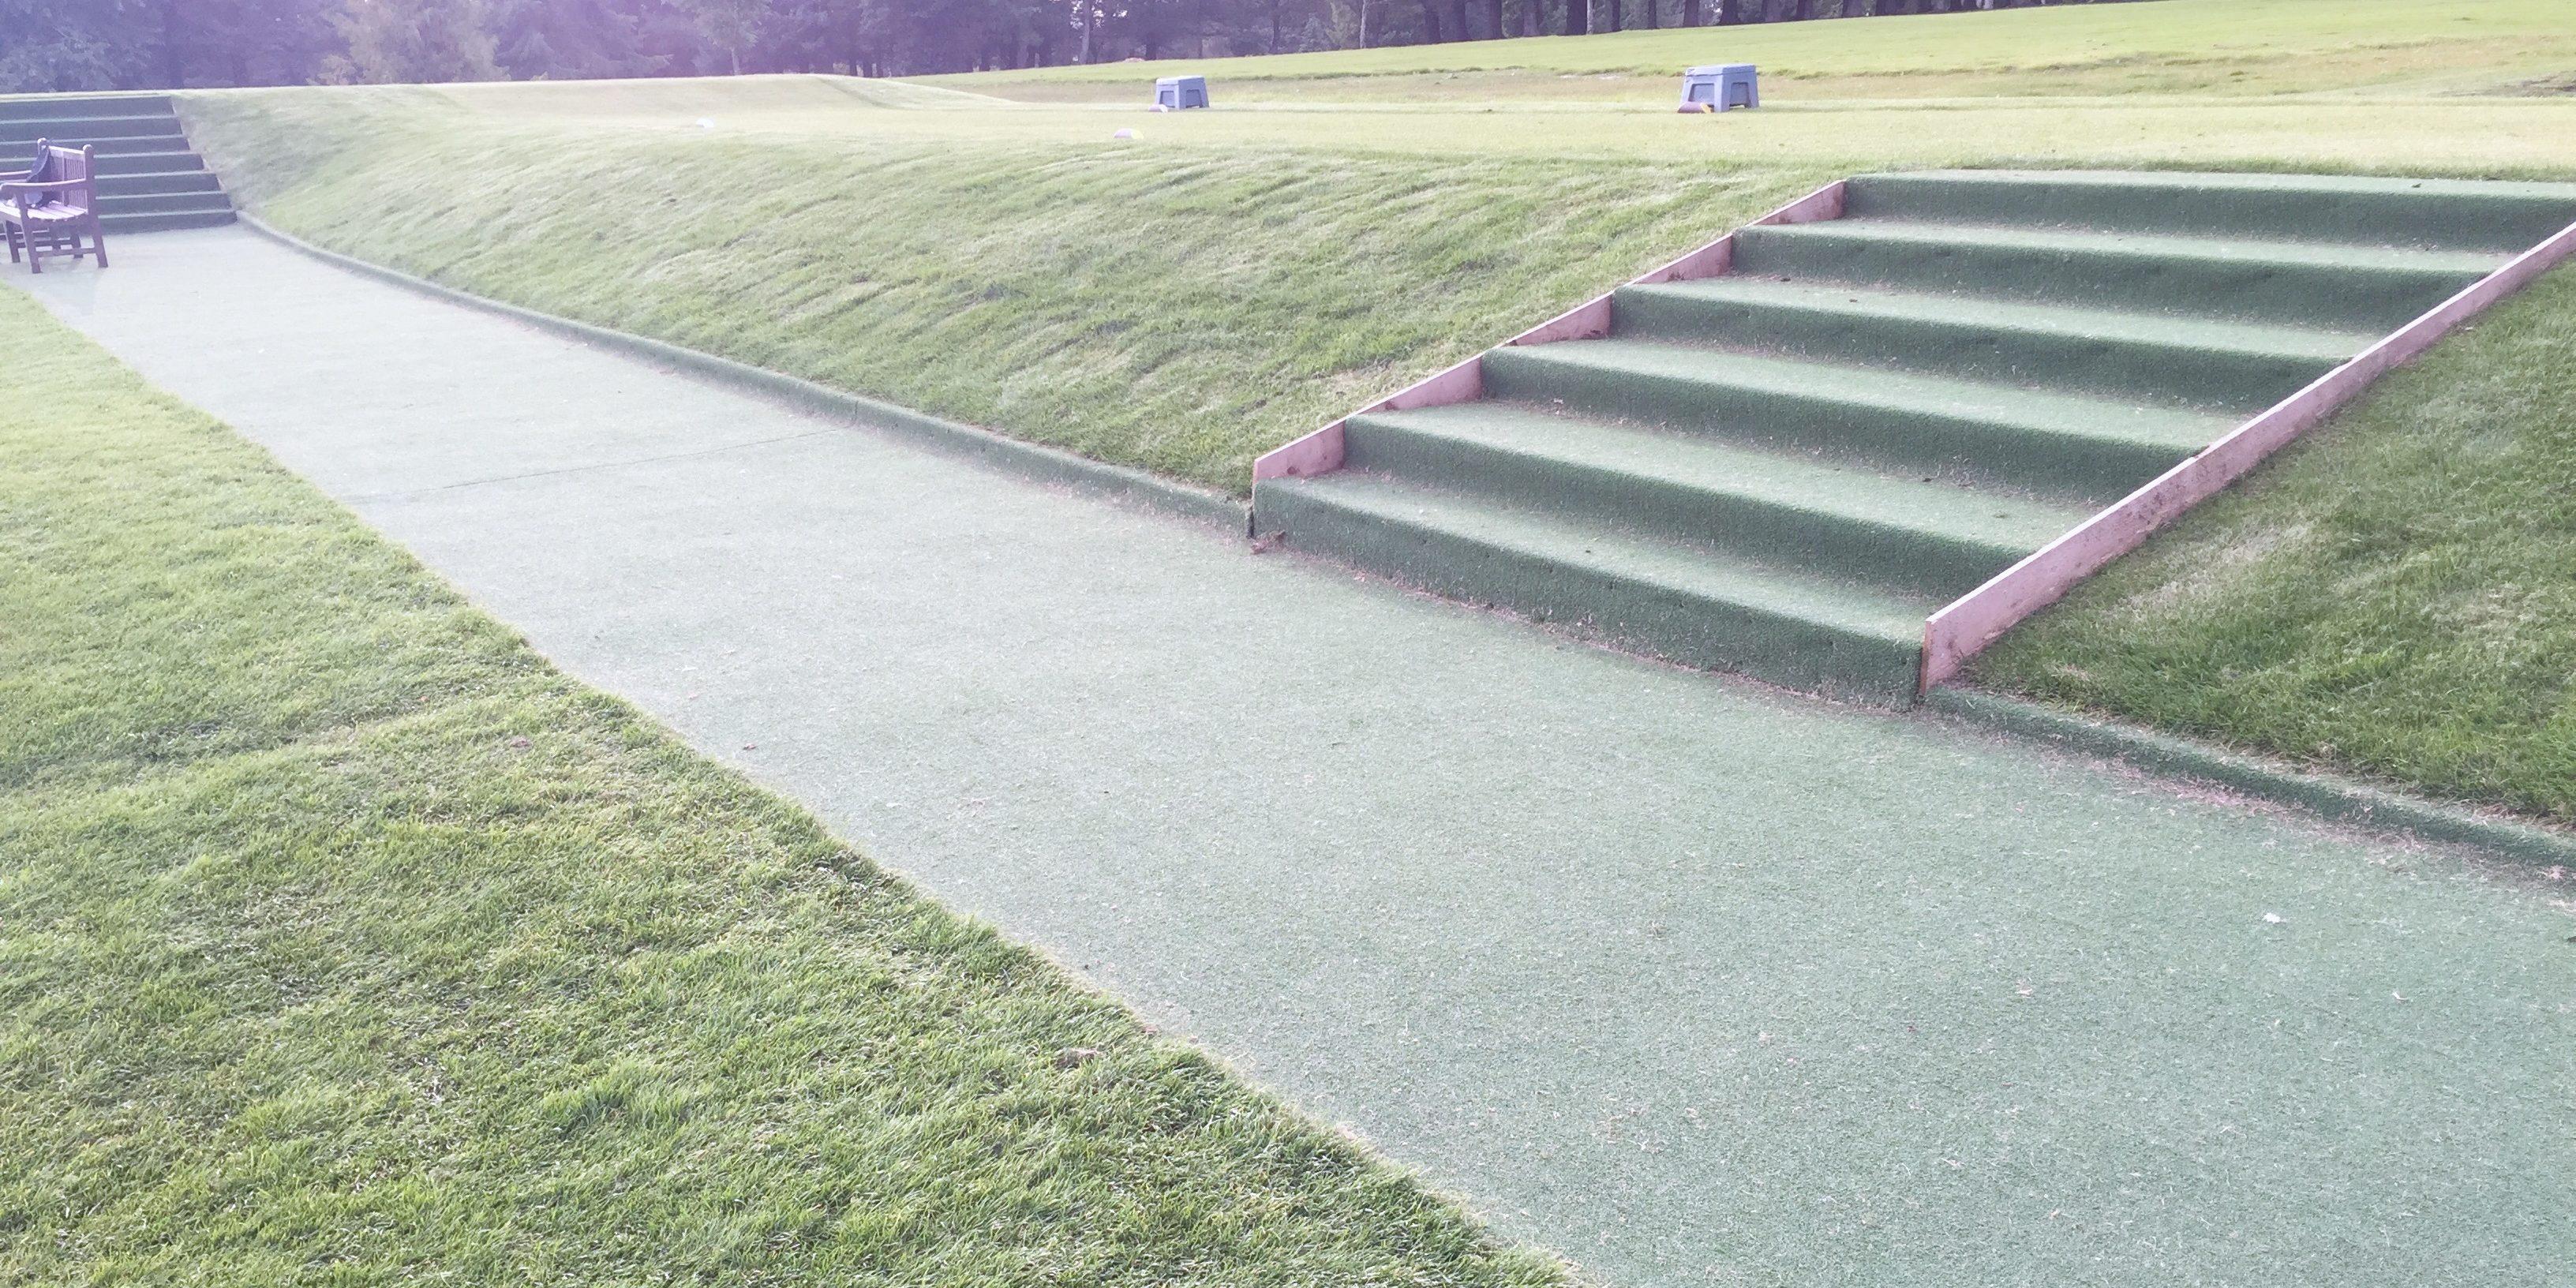 Golf corse walkway artifcial grass